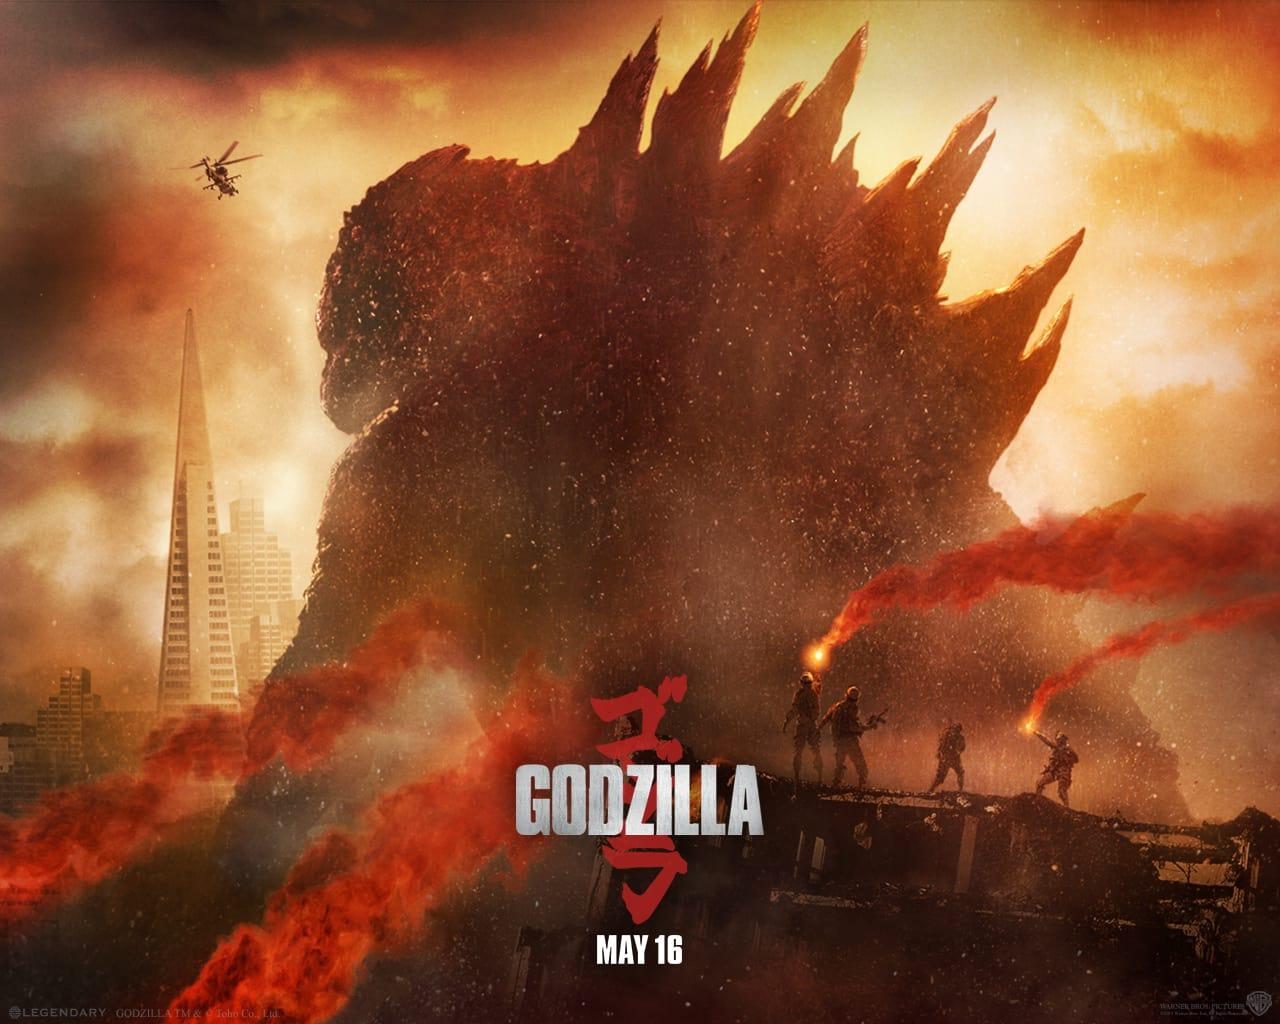 Godzilla Wallpaper HD Pack